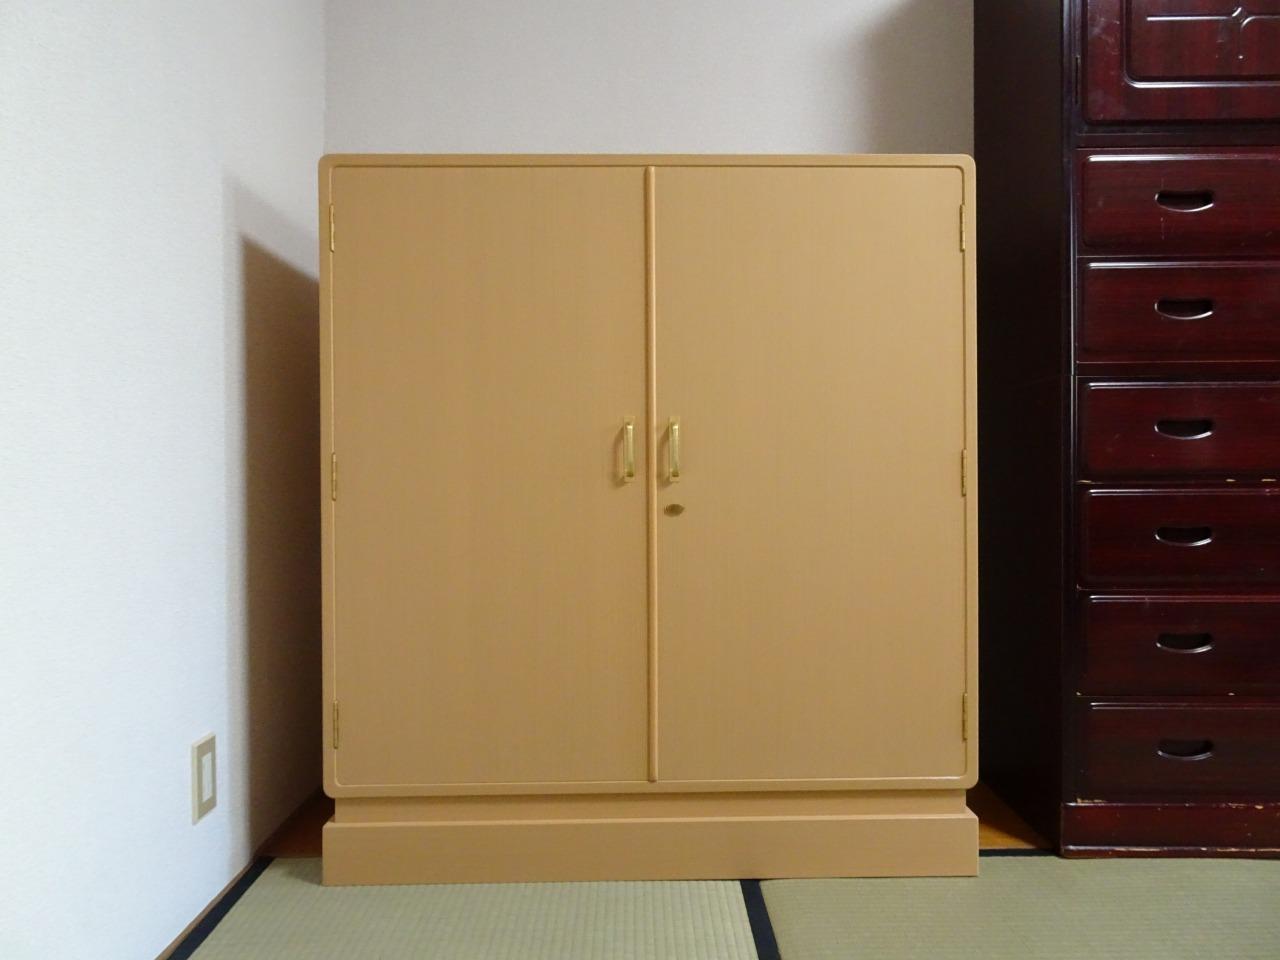 兵庫県のN様からのご注文の大阪泉州桐箪笥 小袖の桐箪笥のお届け写真と動画です。